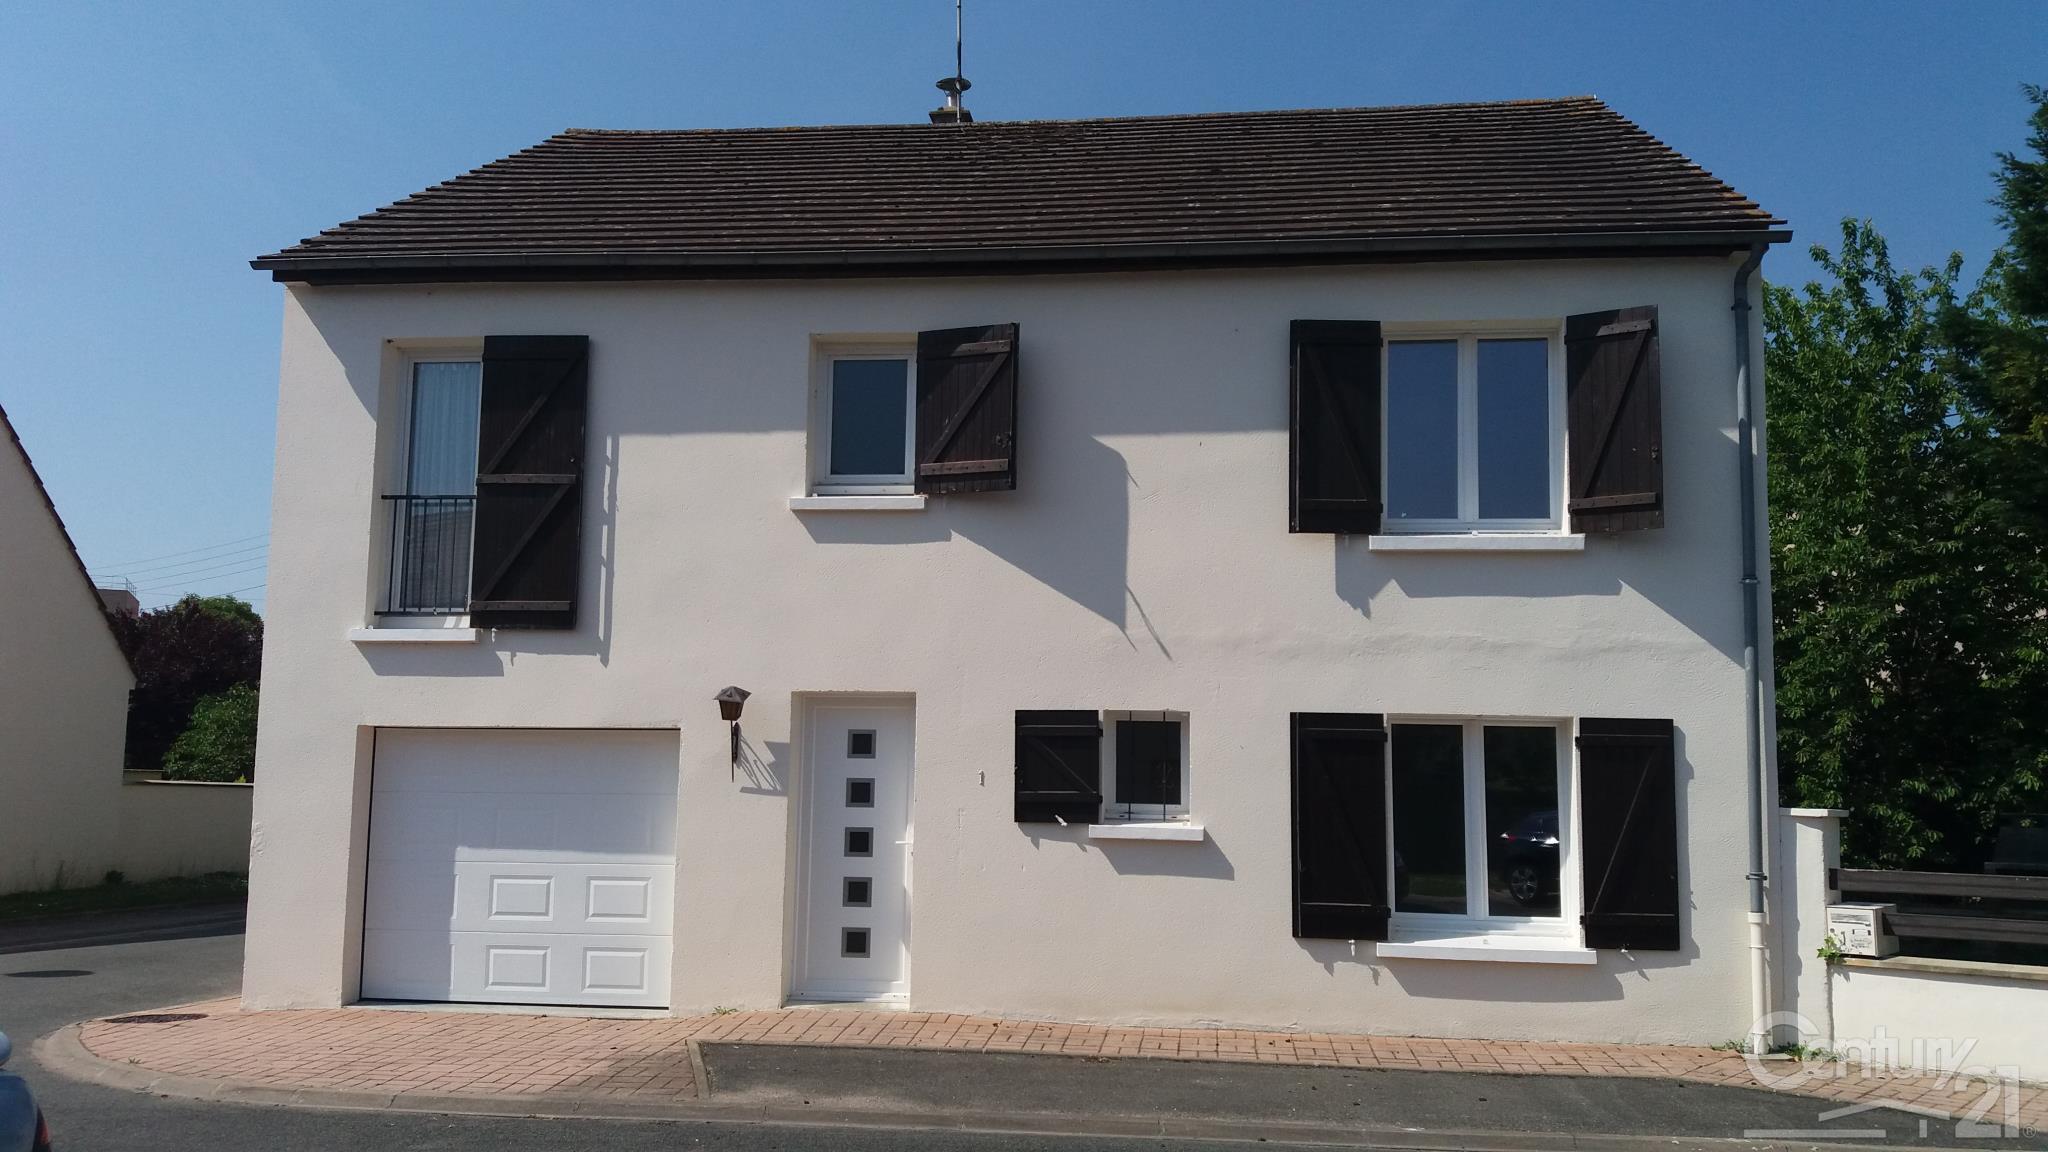 Annonce location maison nemours 77140 117 m 860 for Annonce location maison